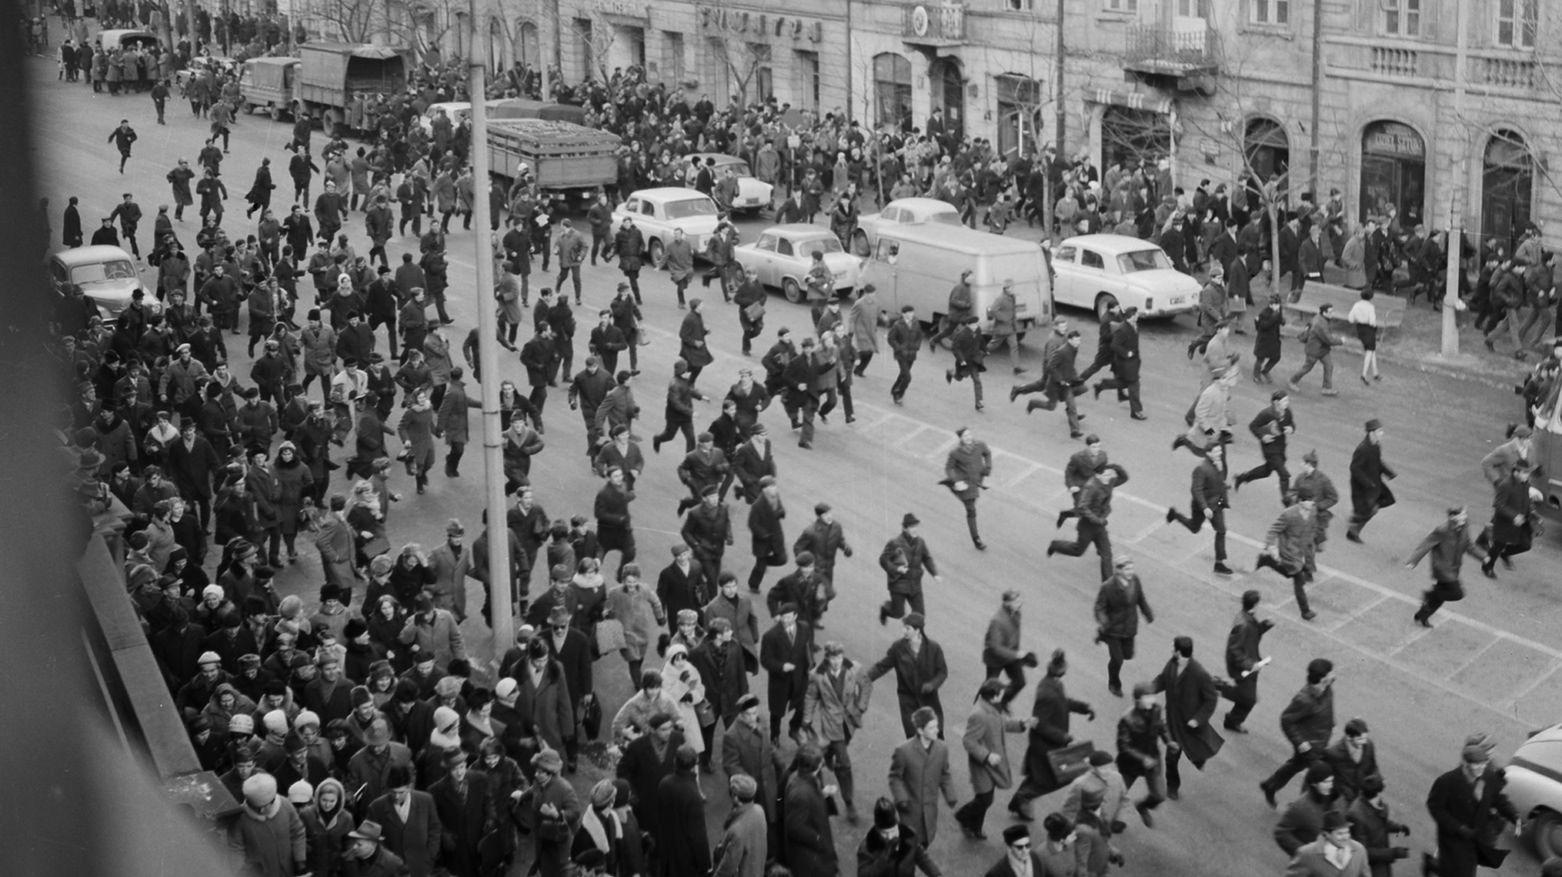 8 marca 1968 r. na dziedzińcu Uniwersytetu Warszawskiego odbył się protestacyjny wiec, na którym zebrało się kilka tysięcy studentów. Po wiecu na teren uniwersytetu wdarła się milicja i tzw. aktyw robotniczy